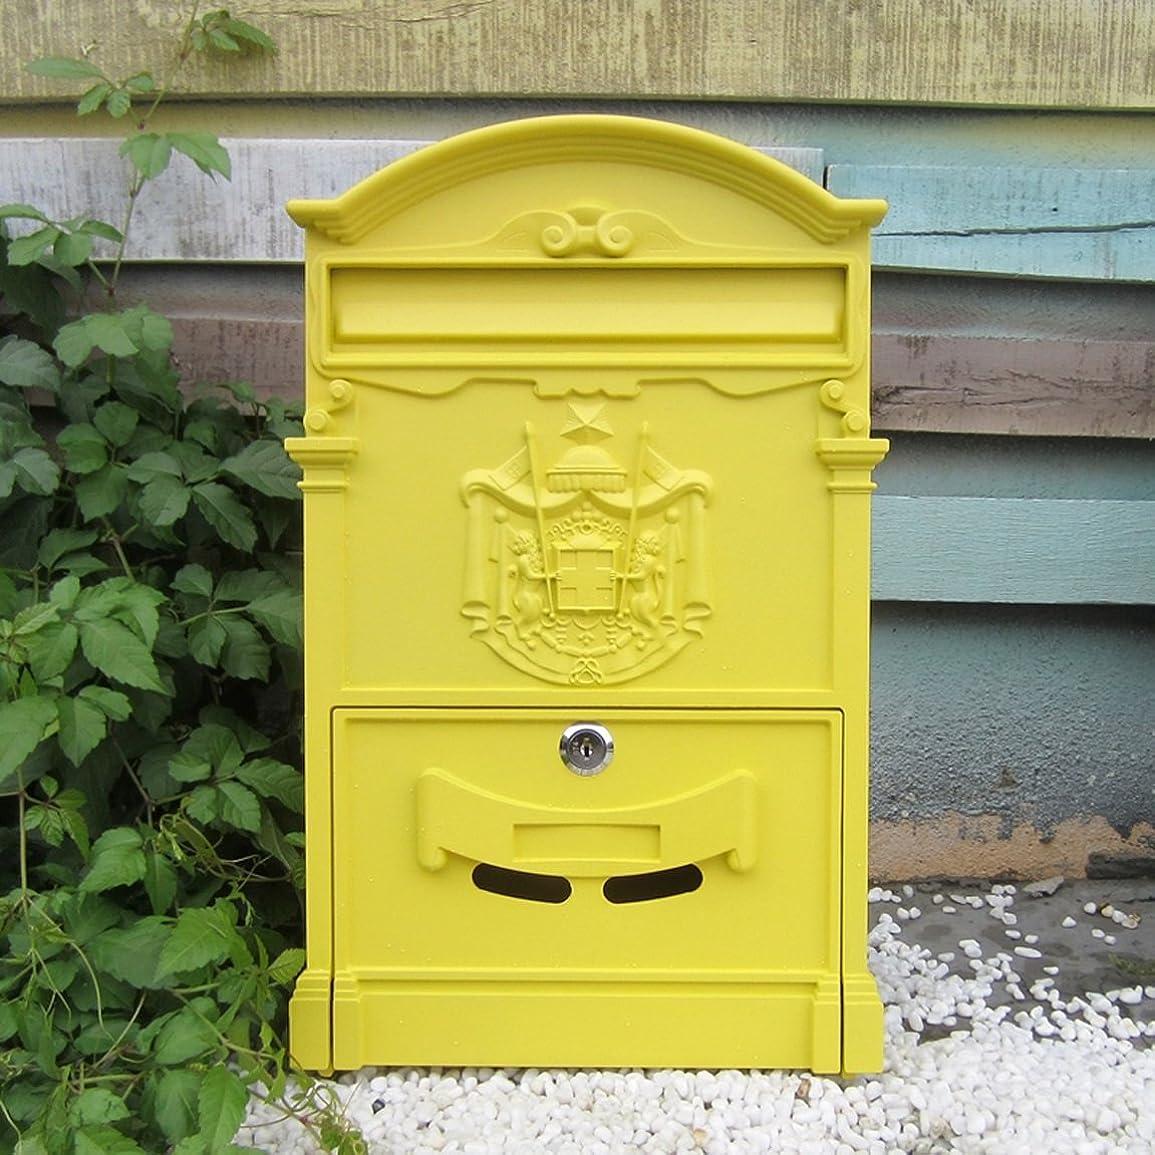 線小さいテザーTLMY ヨーロッパのメールボックスガーデン屋外防水ガーデンメールボックス メールボックス